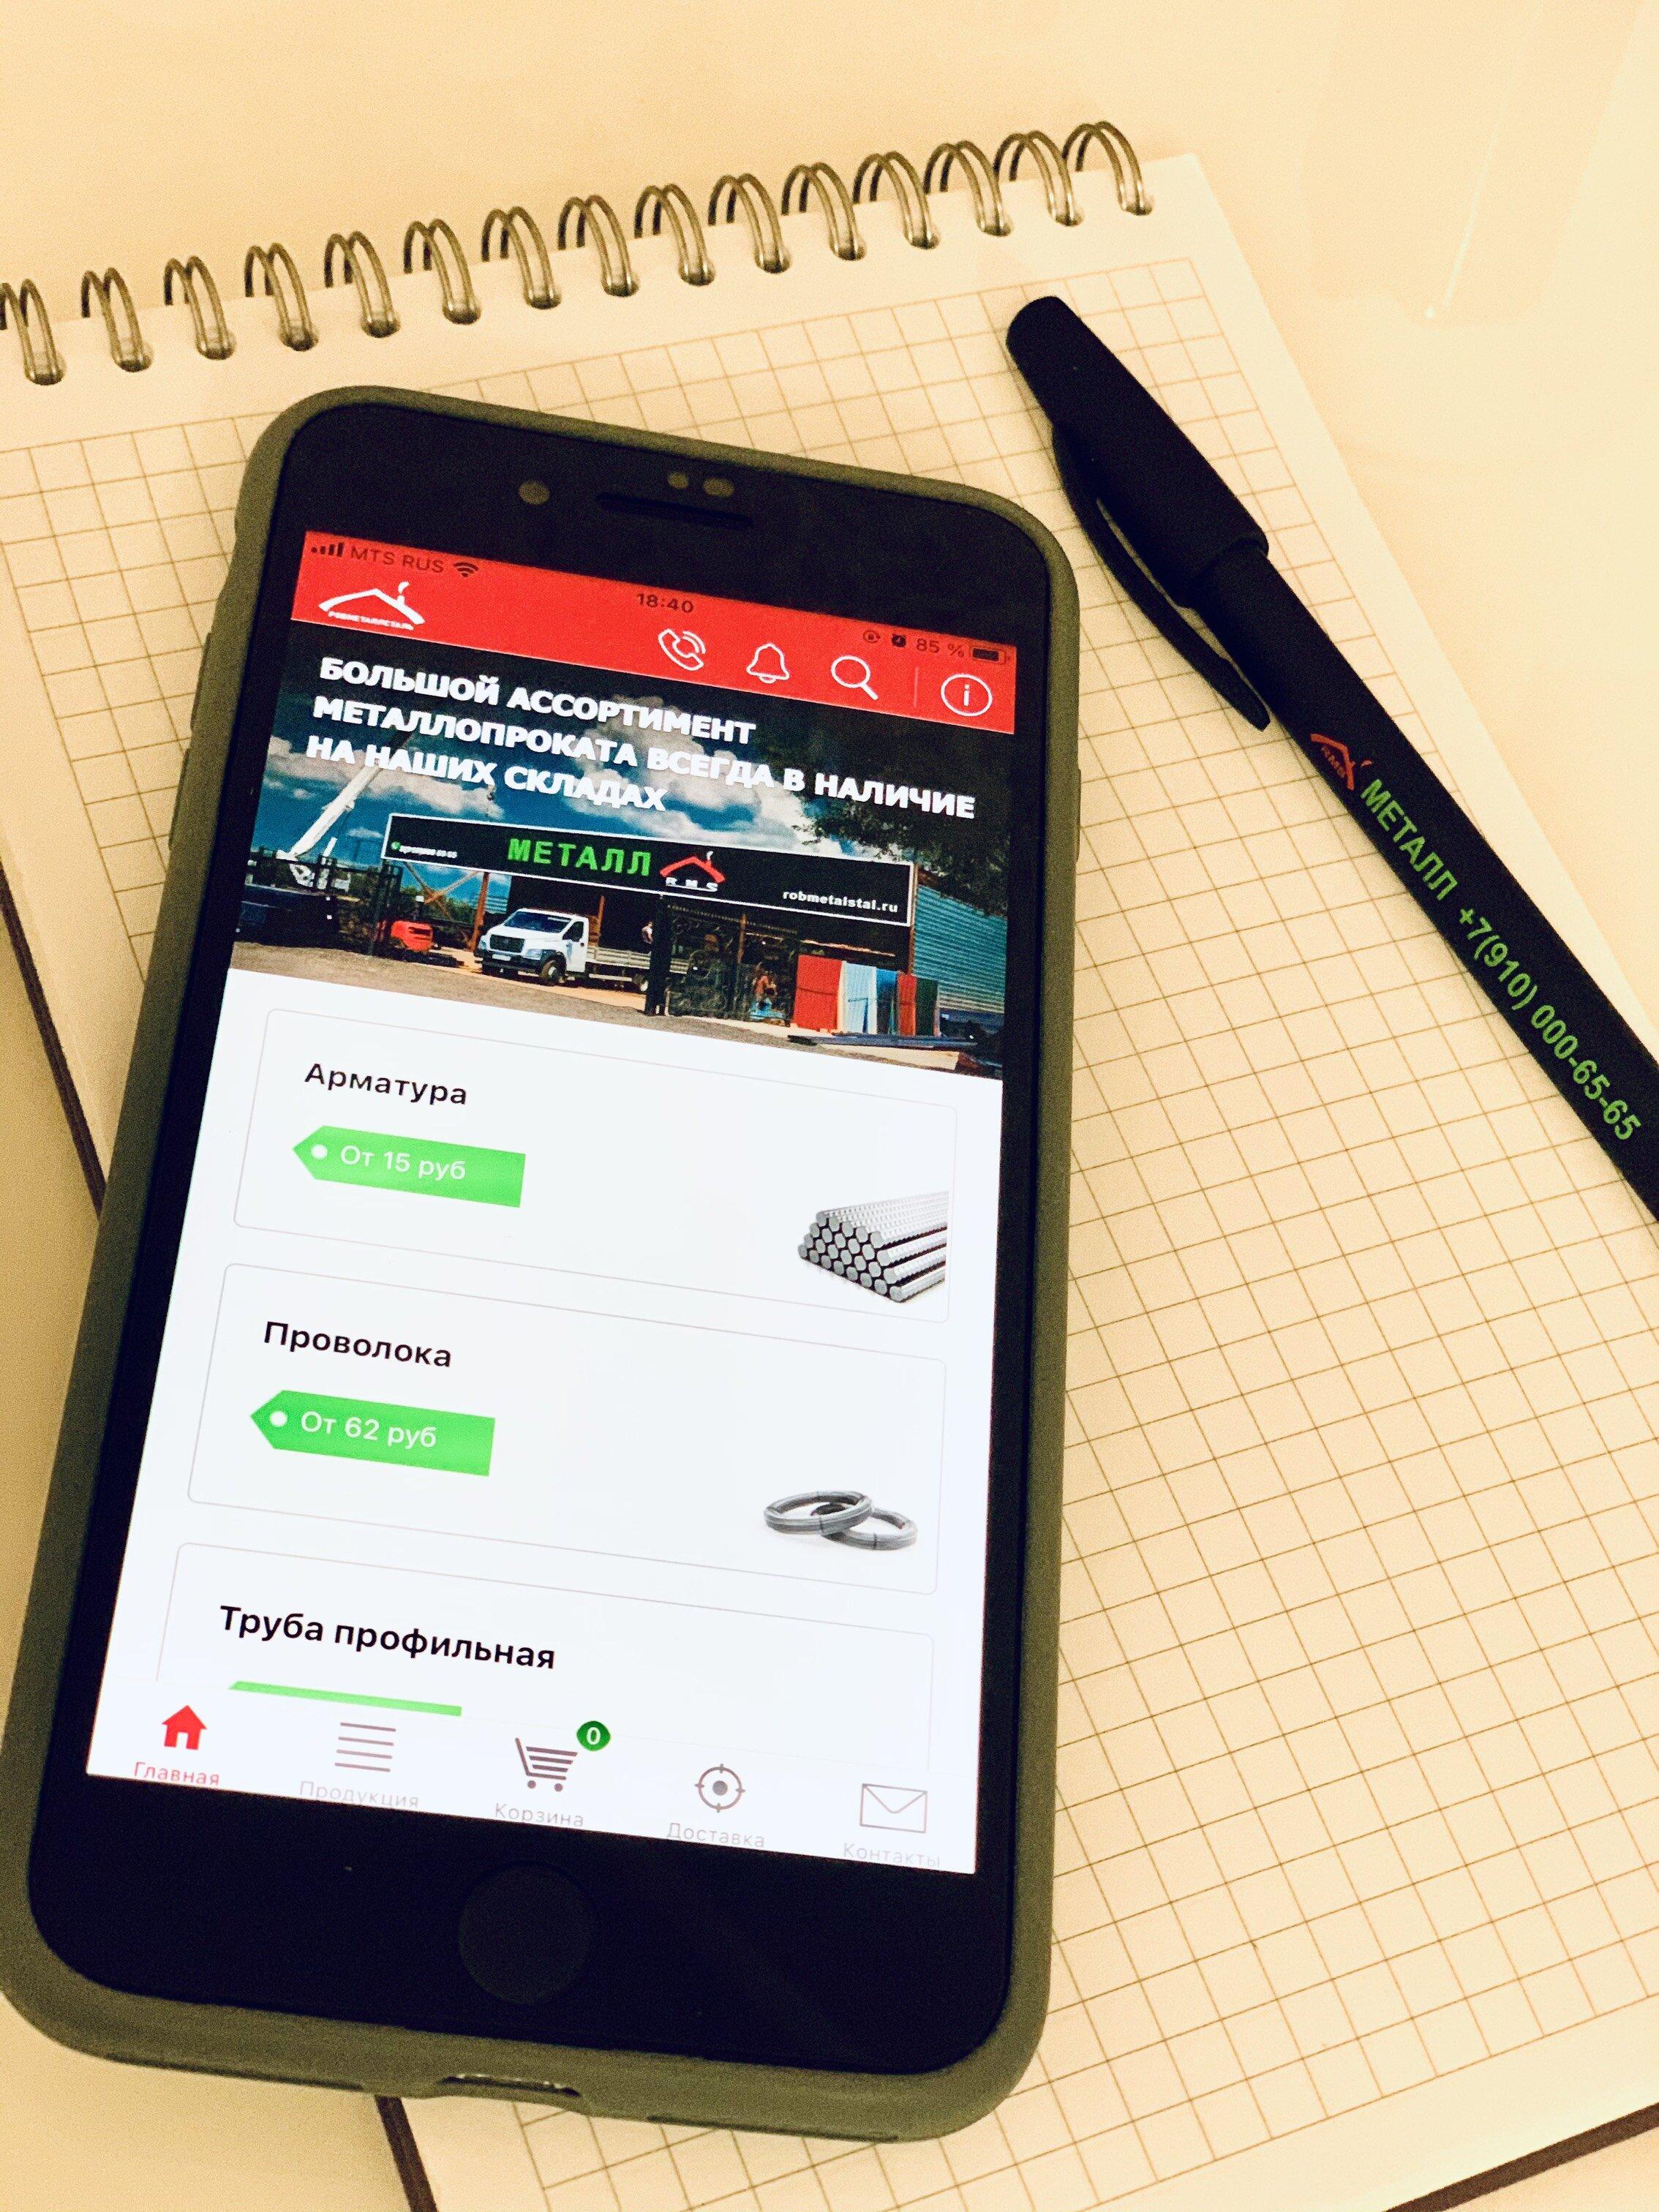 Купить арматуру со скидкой в мобильном приложении